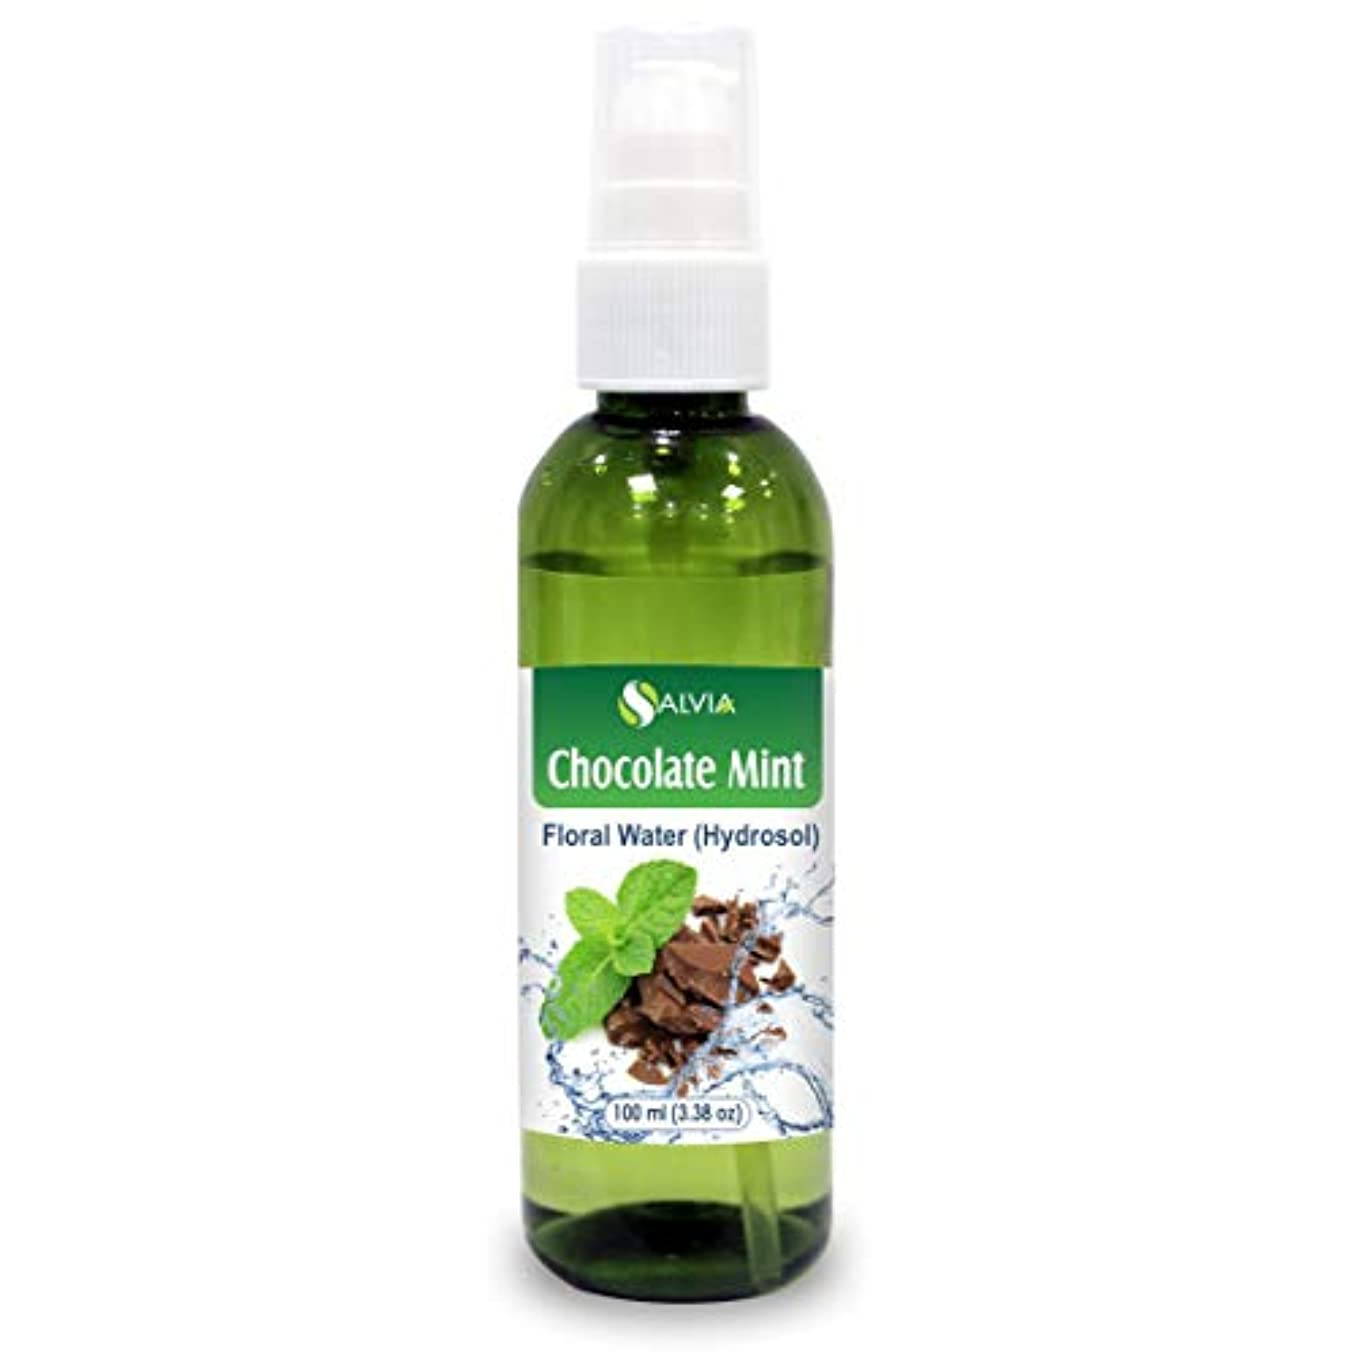 結果チャーム所有権Chocolate Mint Floral Water 100ml (Hydrosol) 100% Pure And Natural